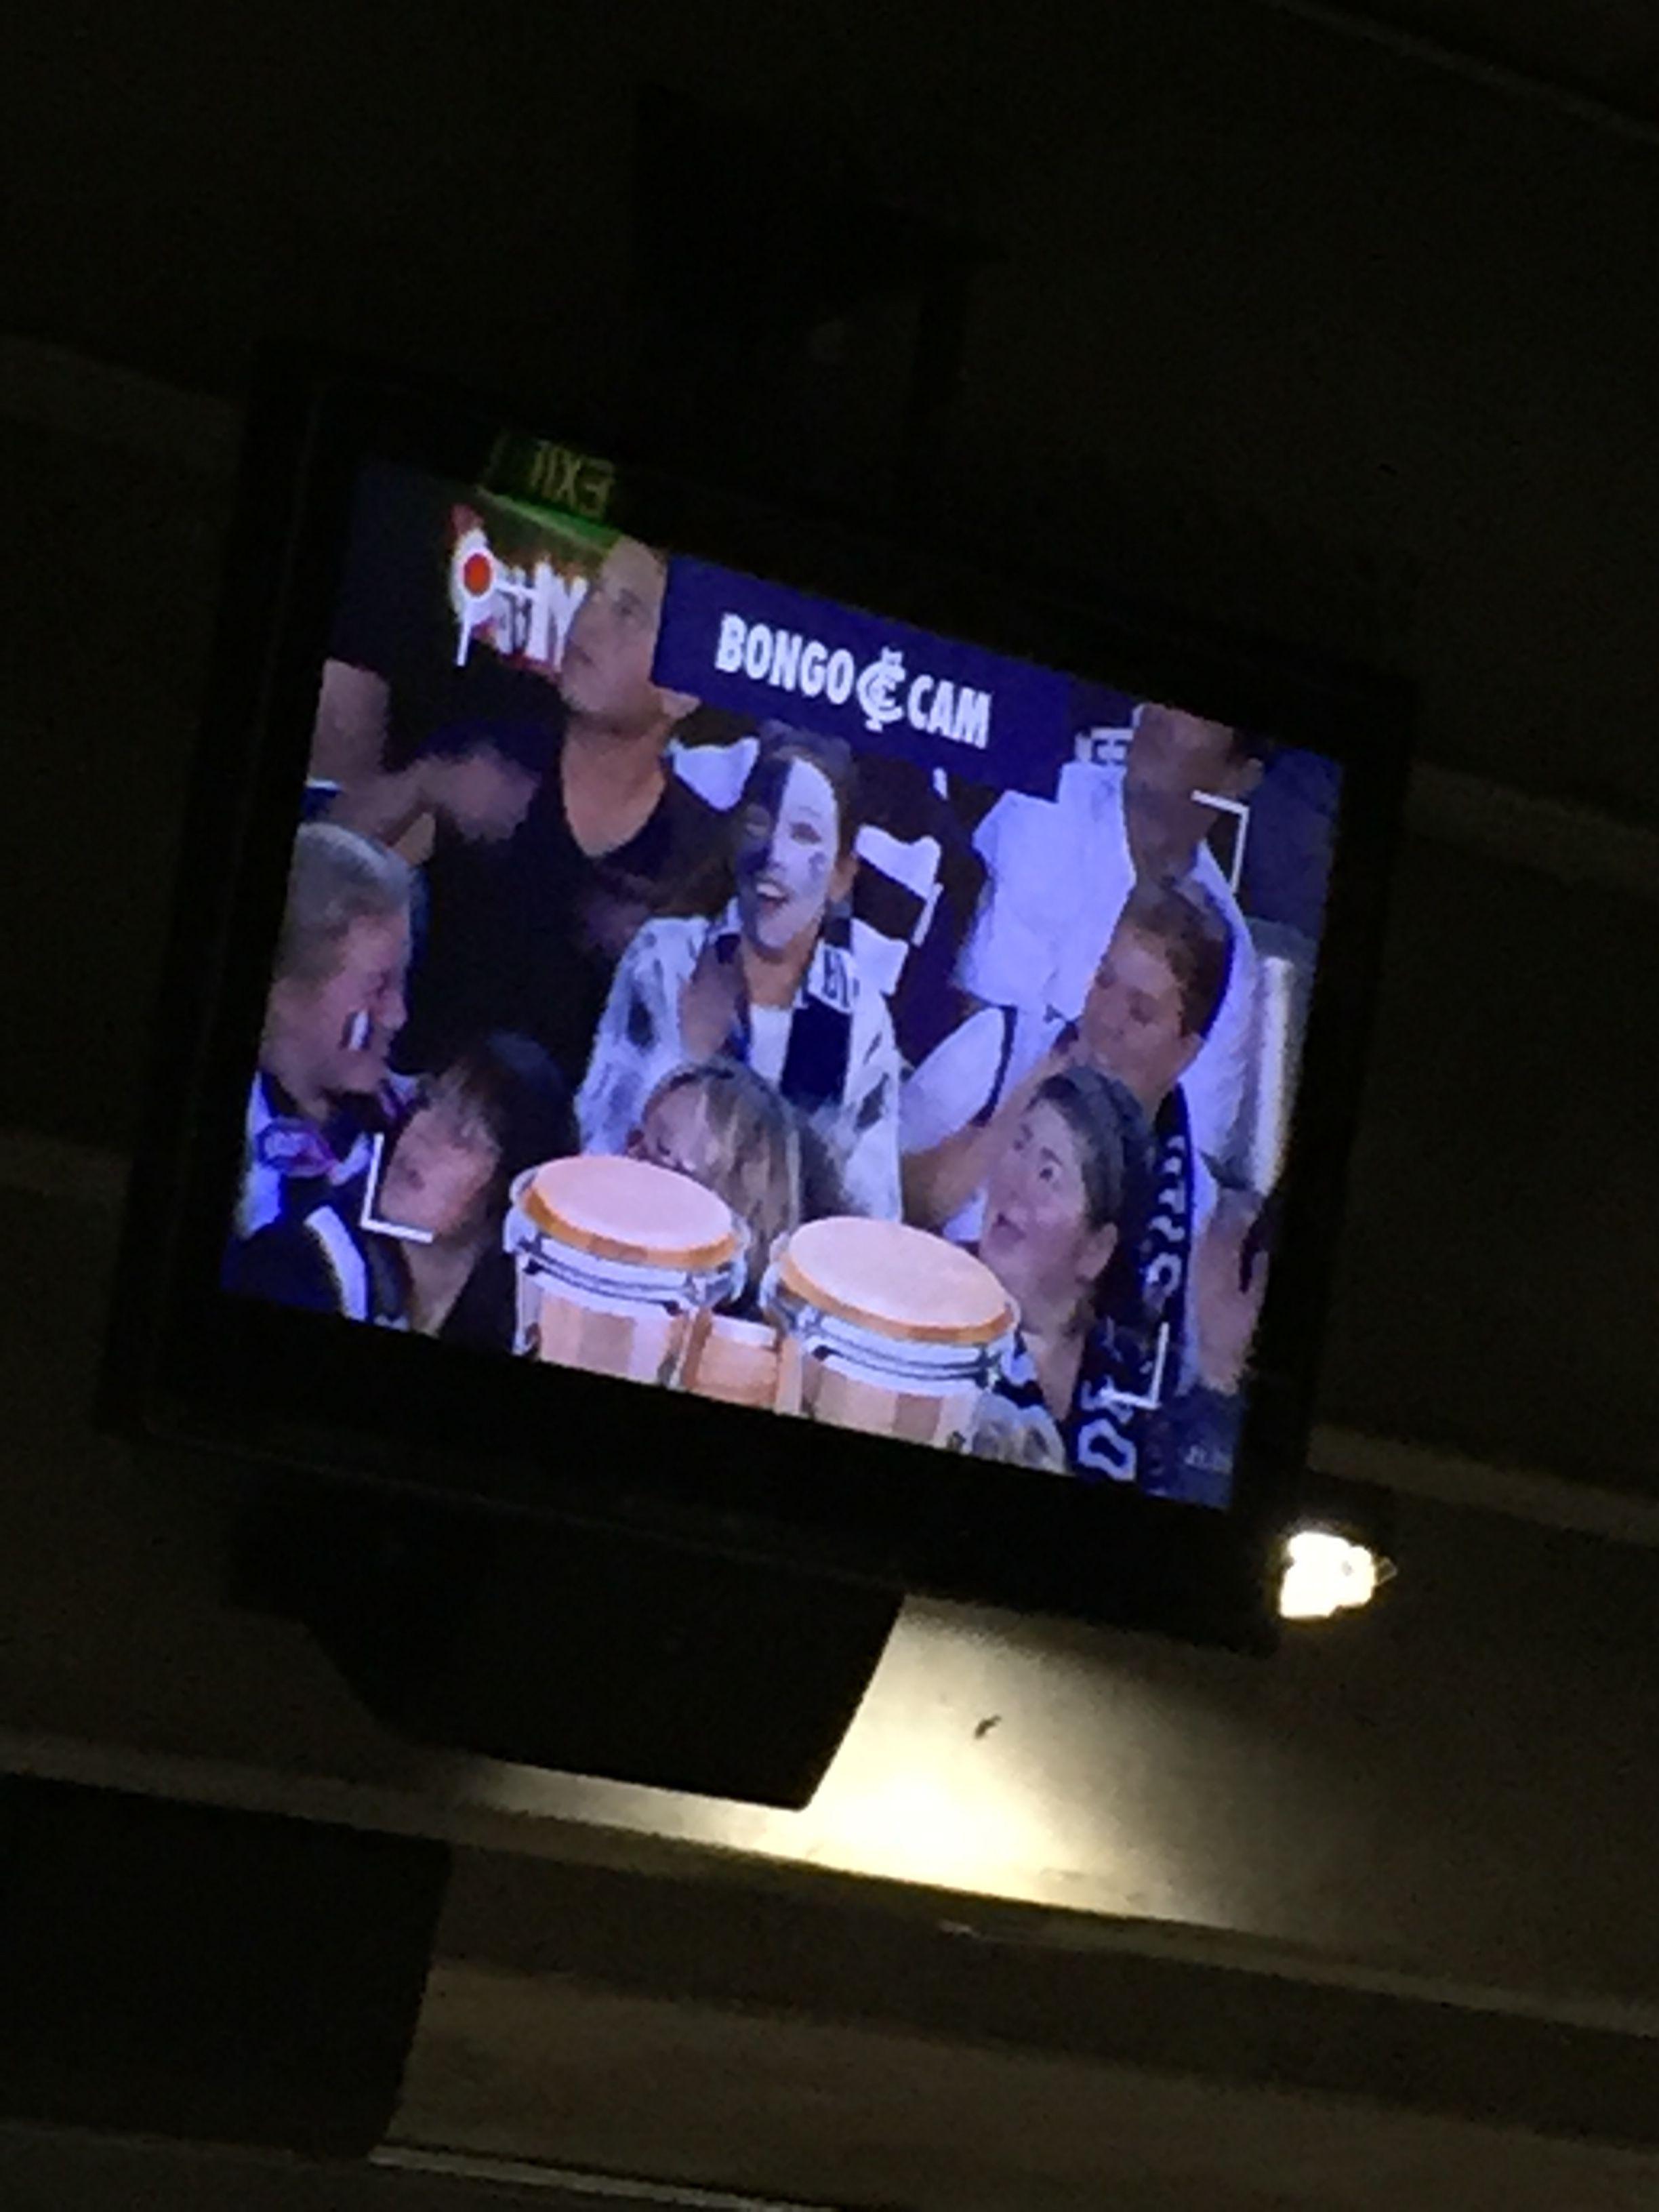 Bongo Cam - fans playing the bongos at Carlton AFL games